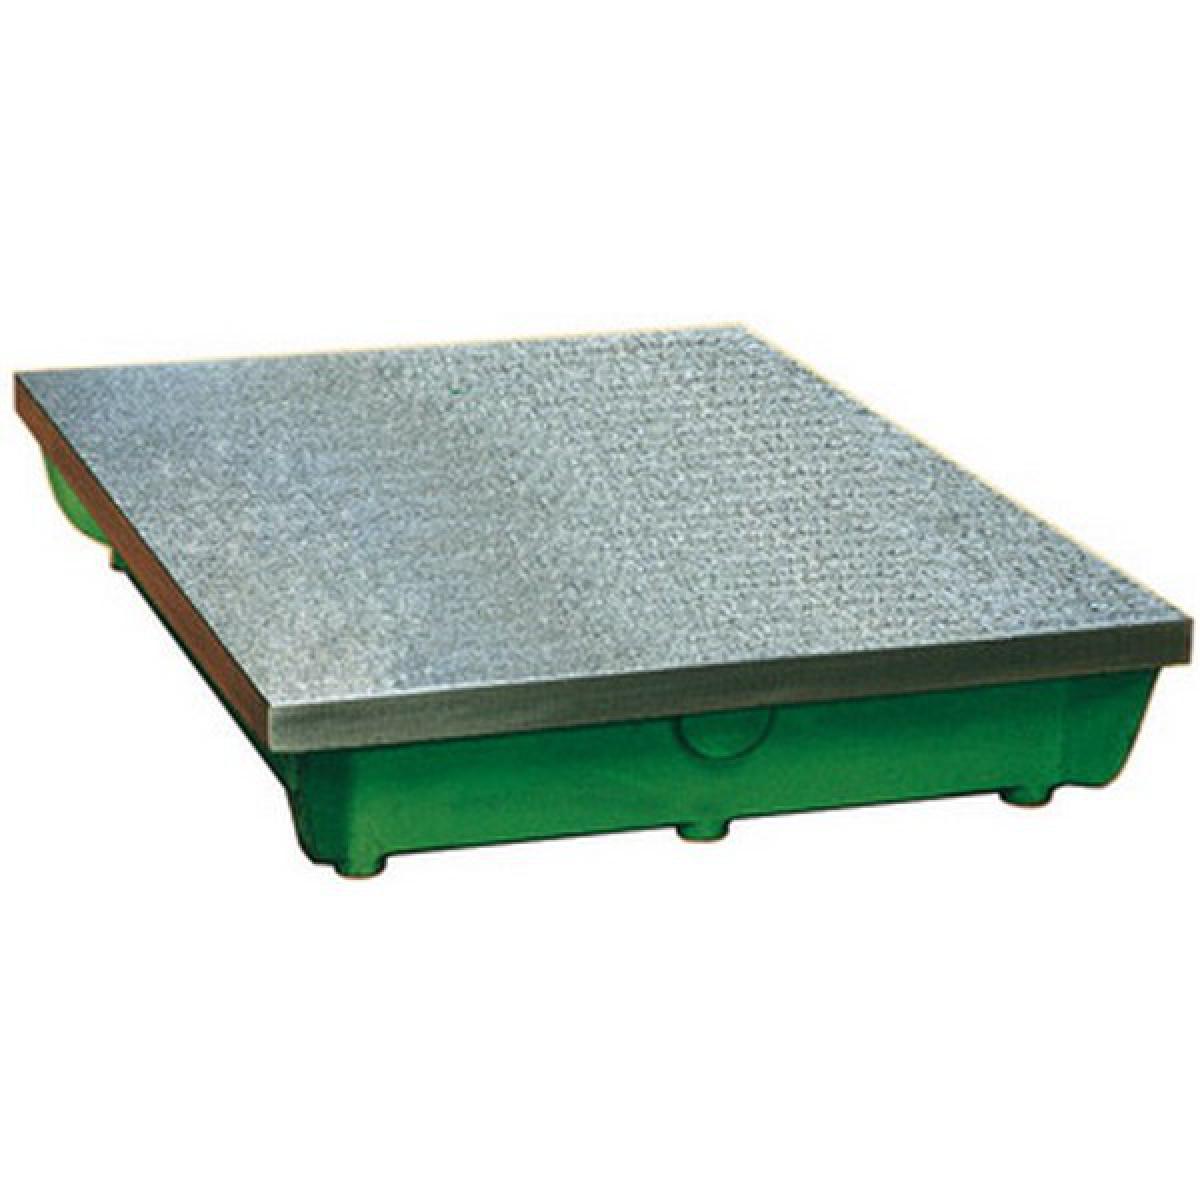 Protec Plaque à tracer et à dresser, qualité 3, Taille : 500 x 500 mm, Précision µm qualité 3 60, Poids env. 50 kg